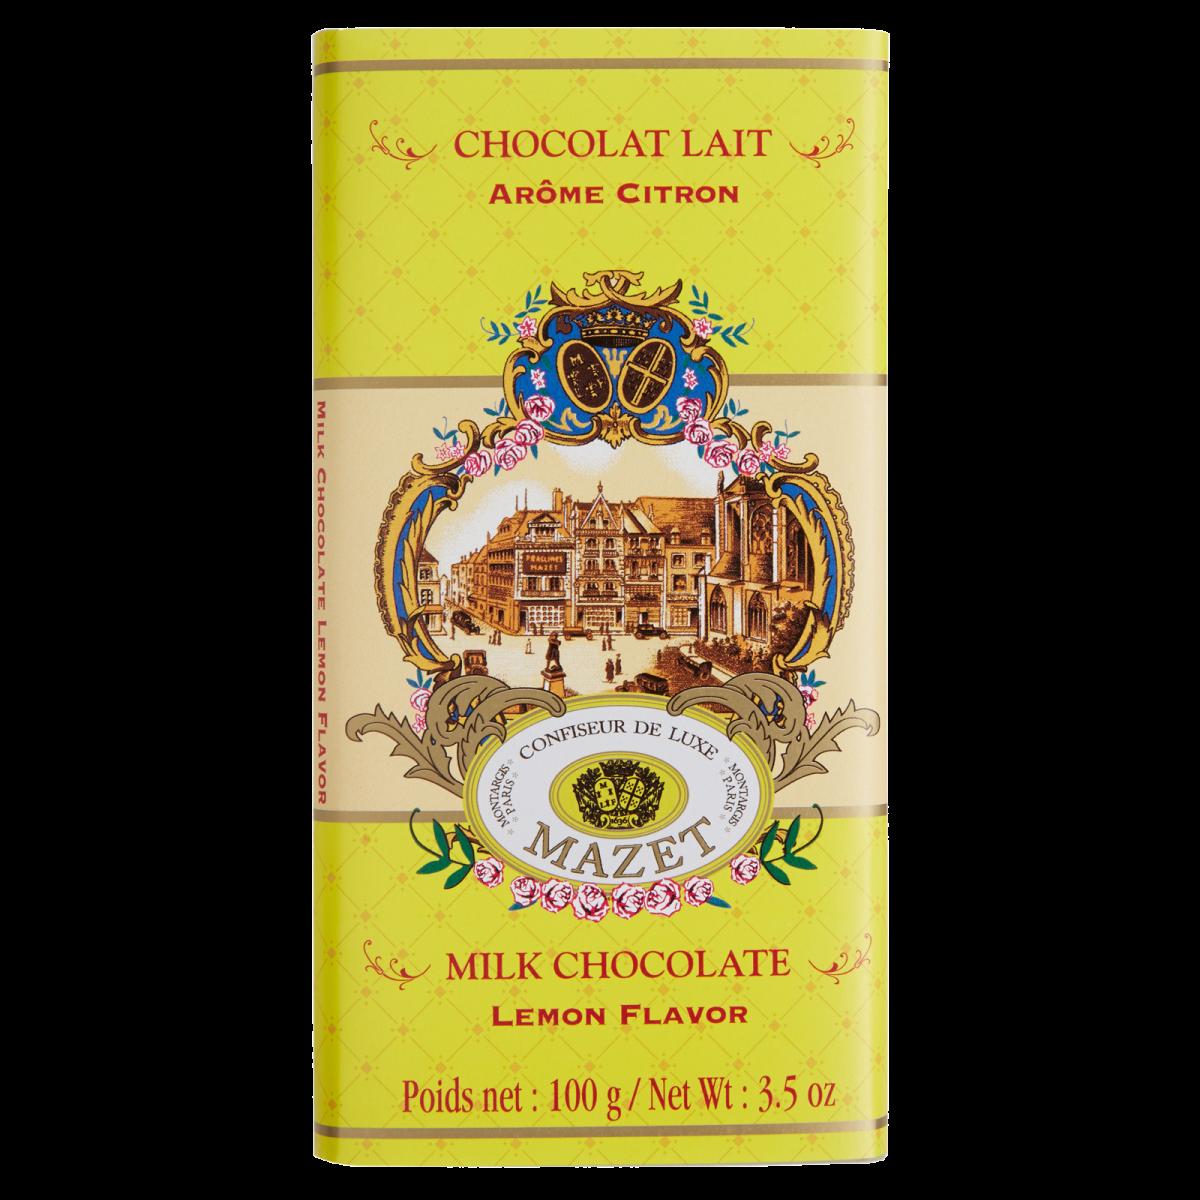 Tablettes de Chocolat - Tablette lait arome Citron 100g